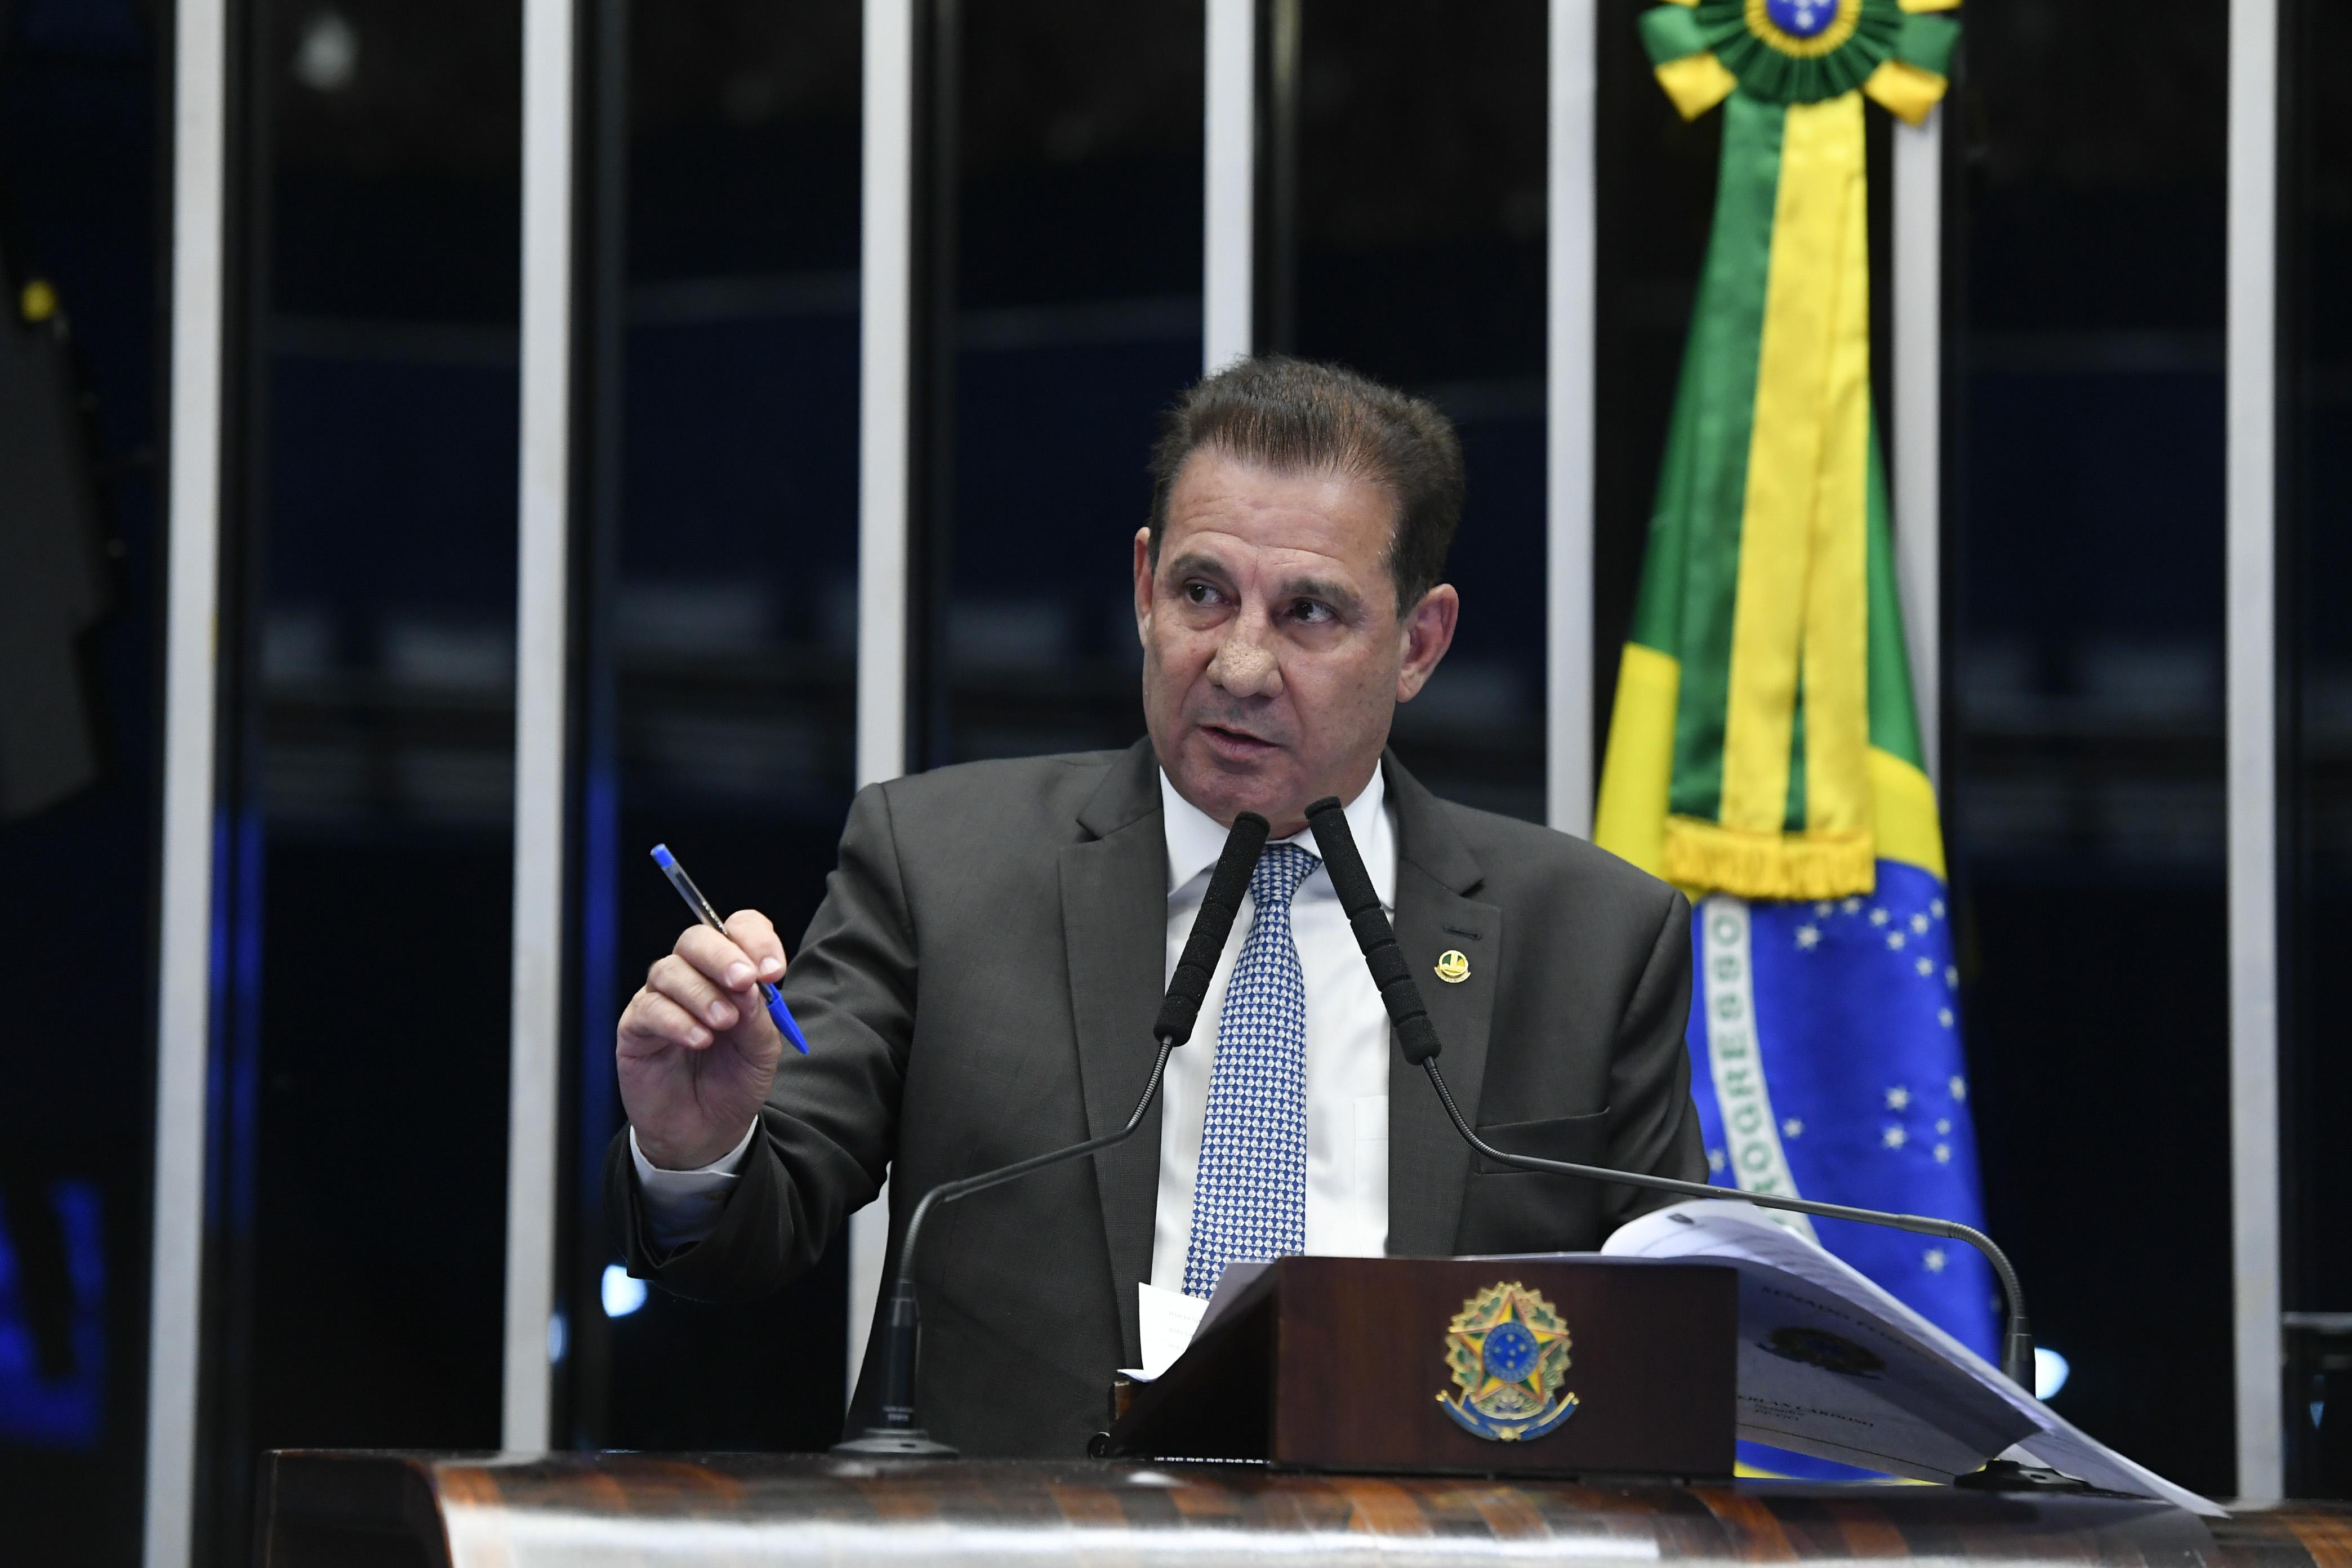 IMAGEM: Agência Senado noticia Vanderlan no 2º turno em Goiânia